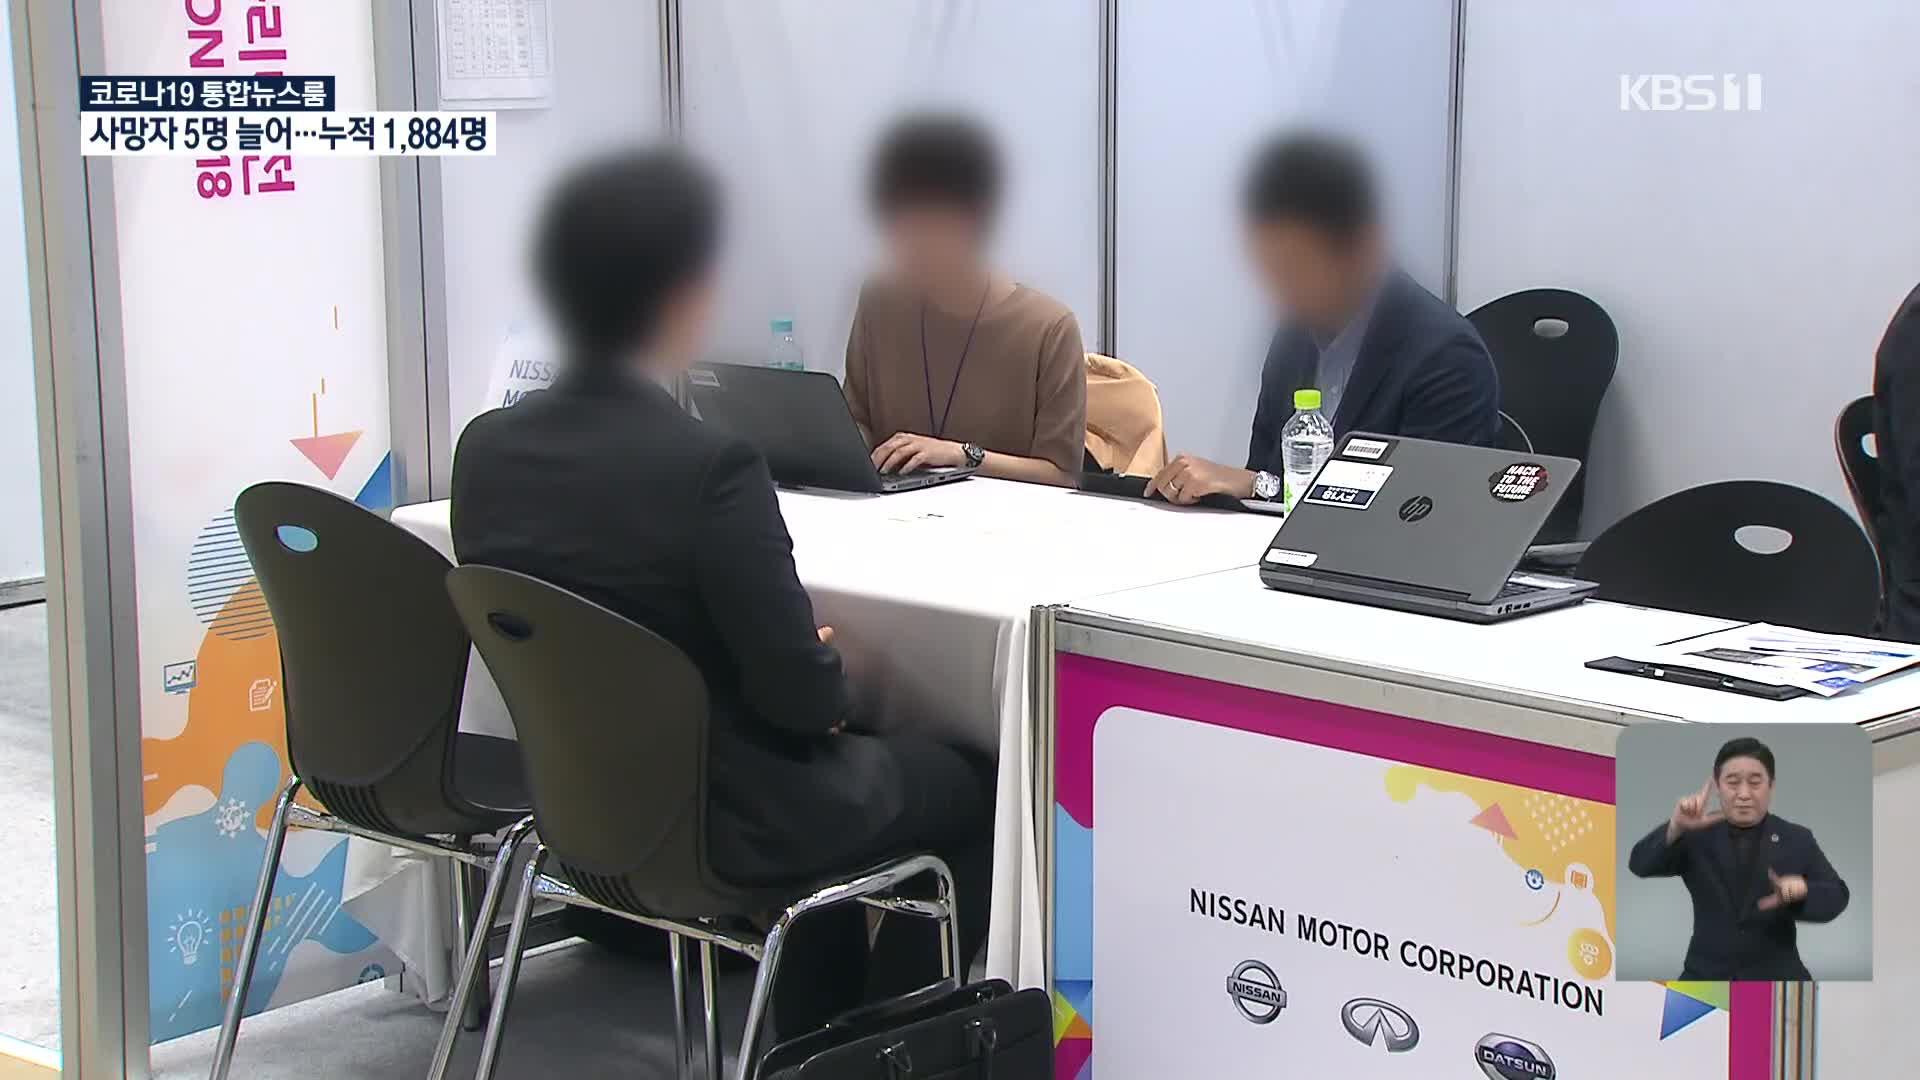 4월 취업자 65만2천명↑…6년8개월만에 최대폭 증가